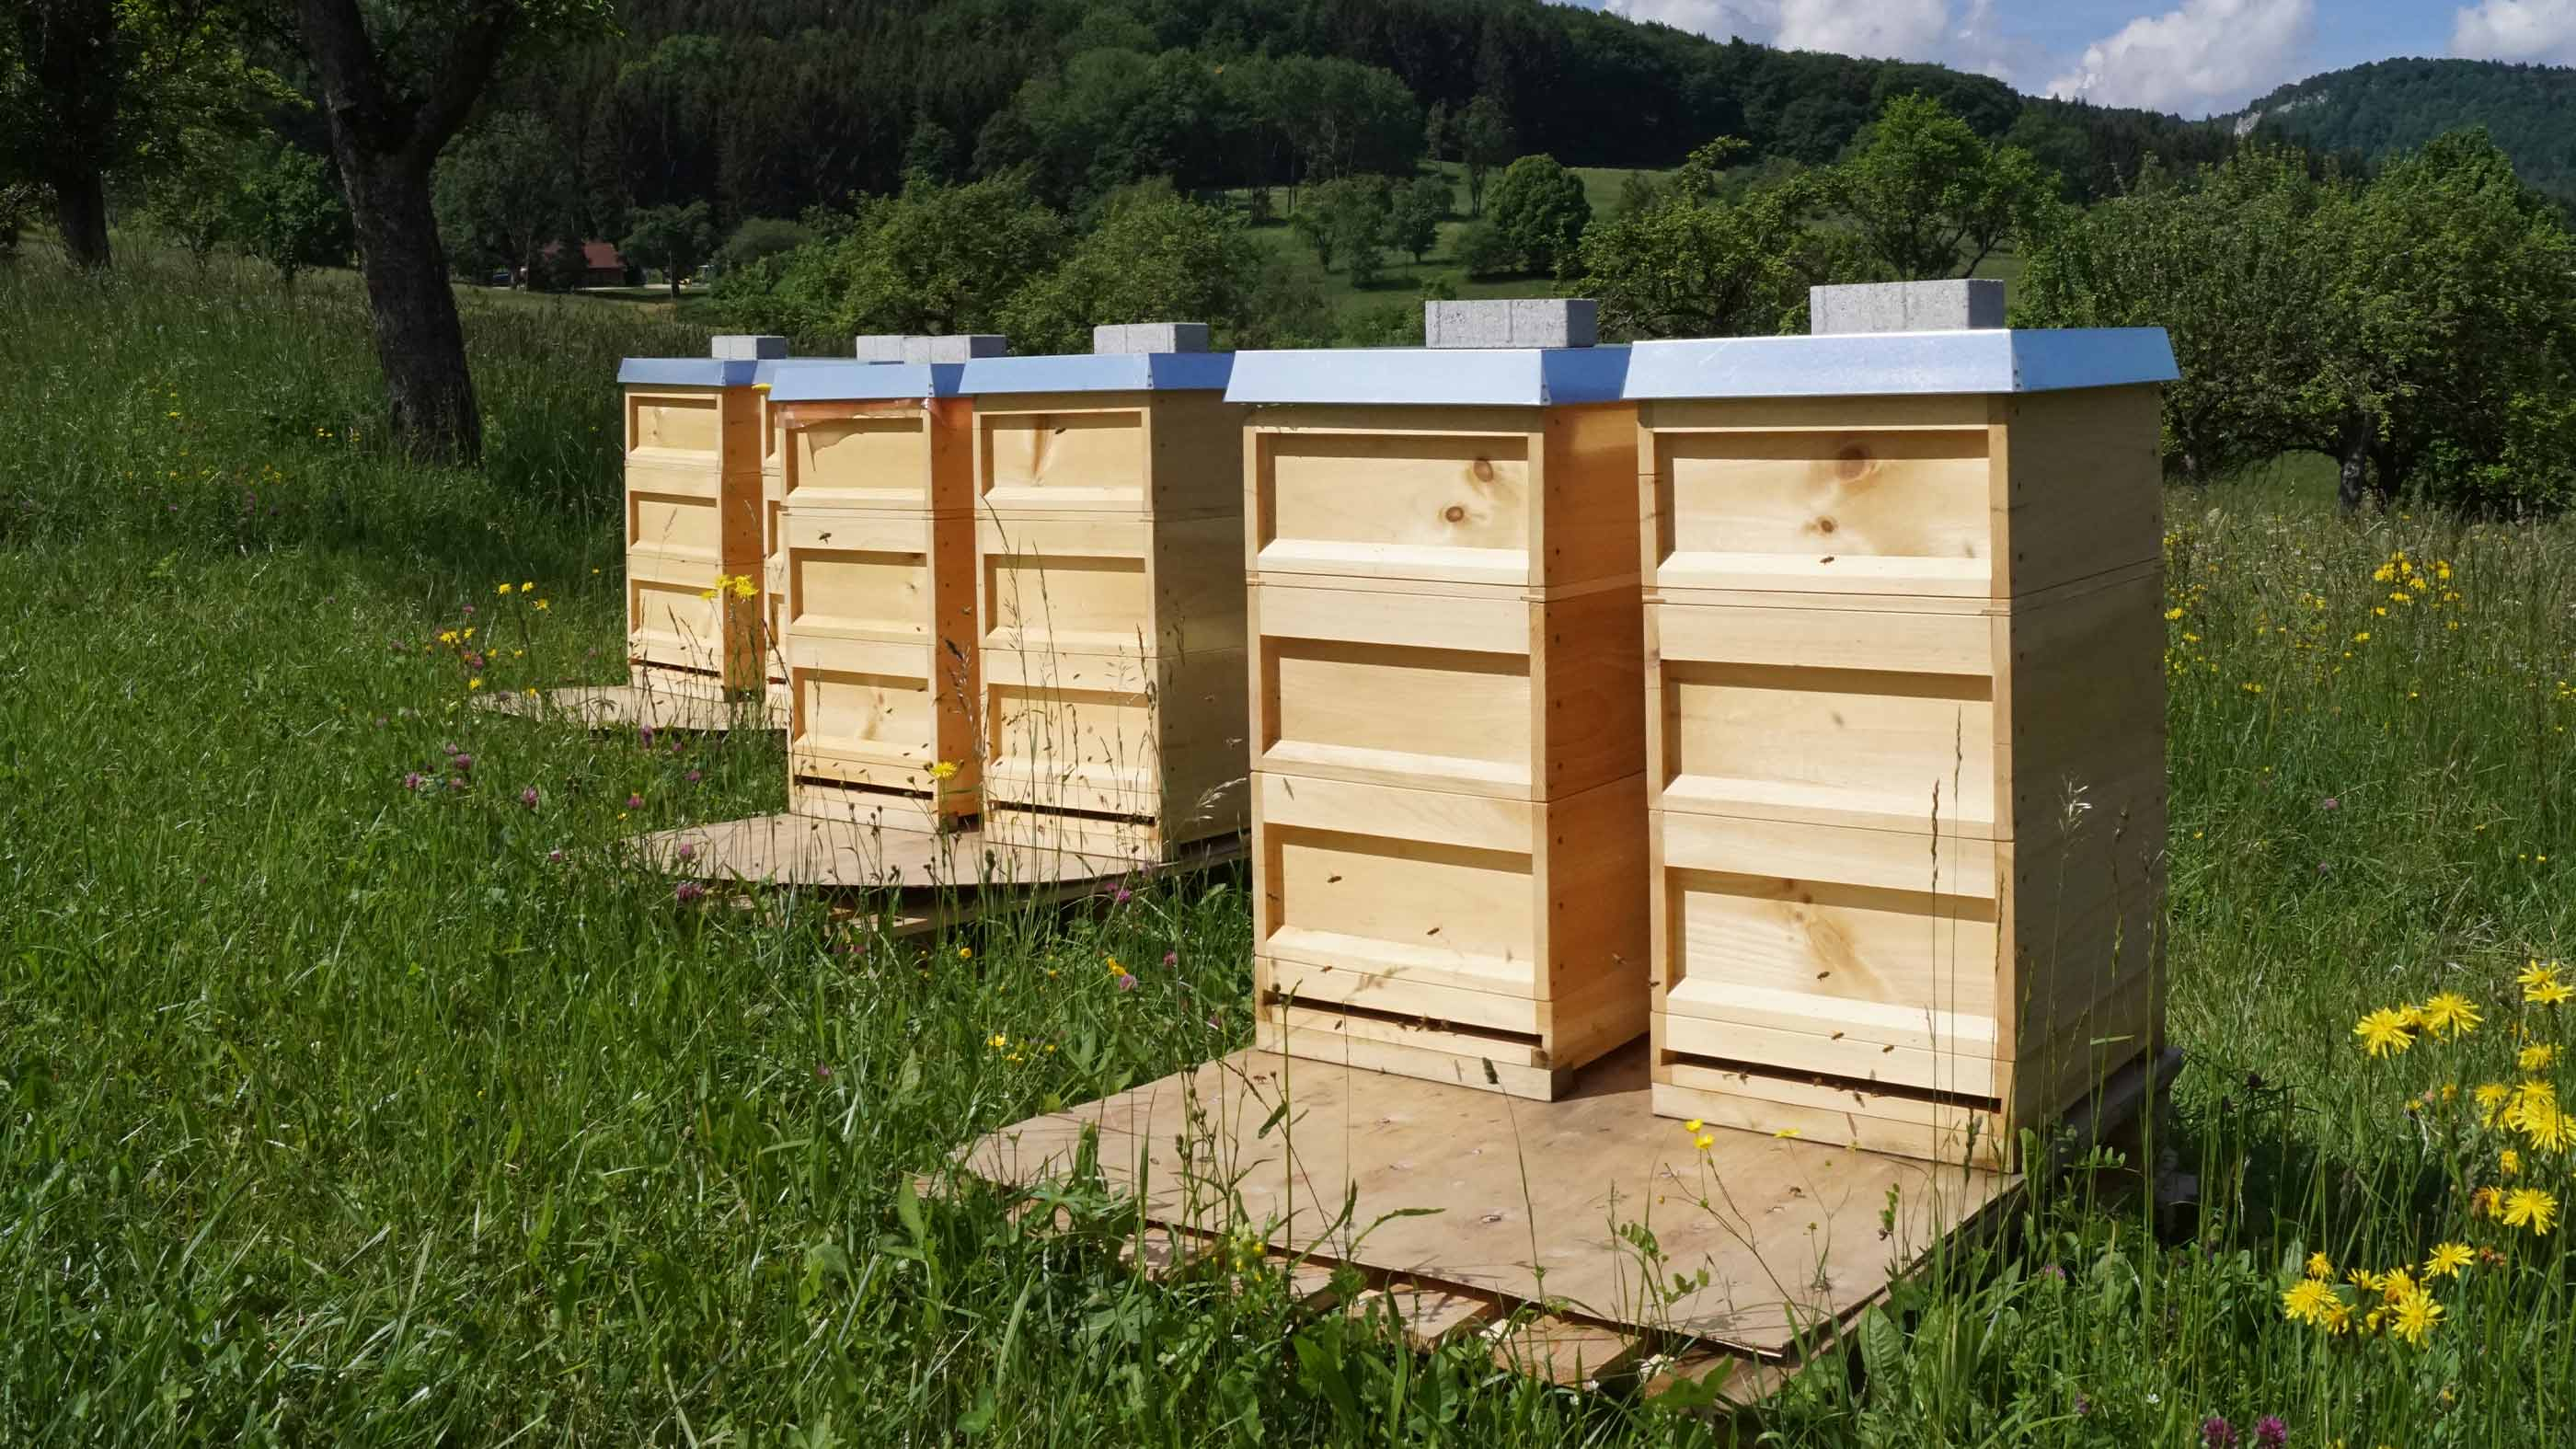 De zes bijenkasten van mey staan per paar in een rij op een wei in Lautlingen, Duitsland   mey®